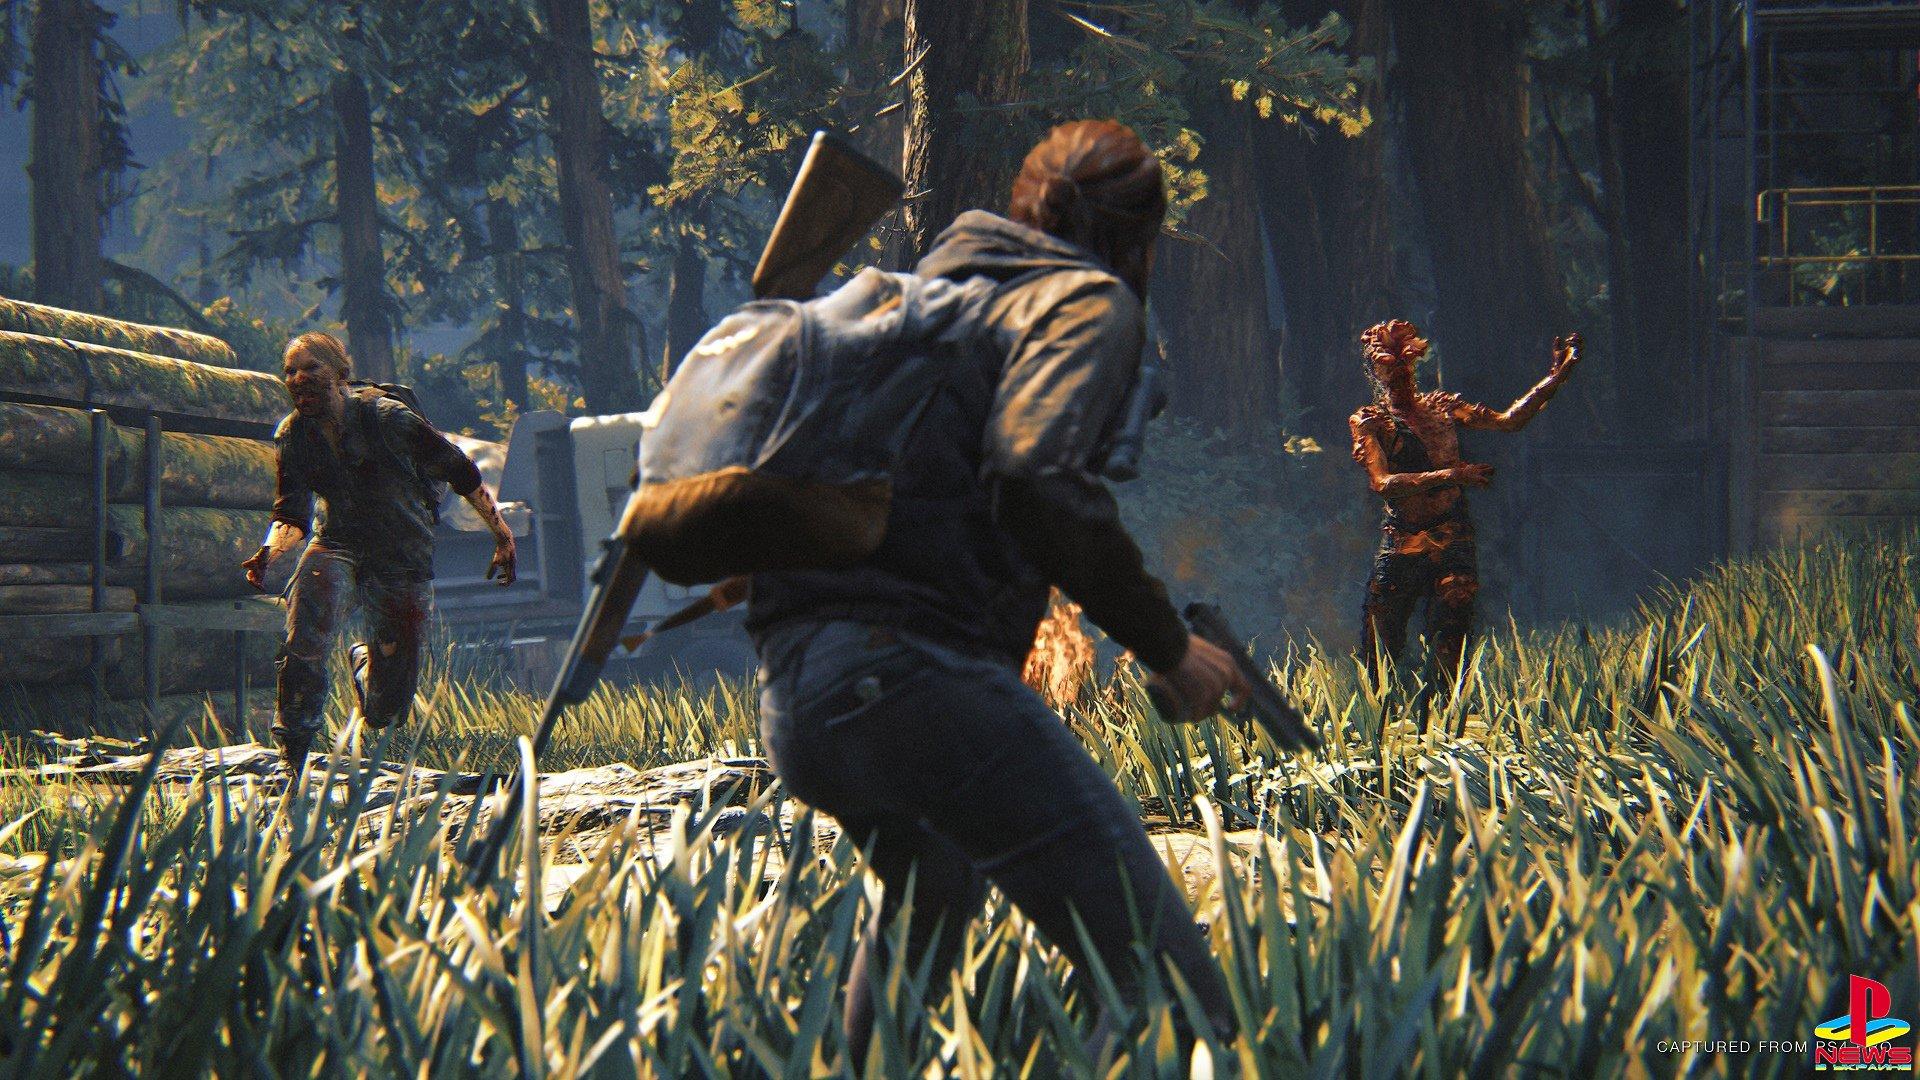 """Создатели The Last of Us и Uncharted готовят прорывную мультиплеерную игру для PS5: """"Её влияние будет ощущаться годами"""""""